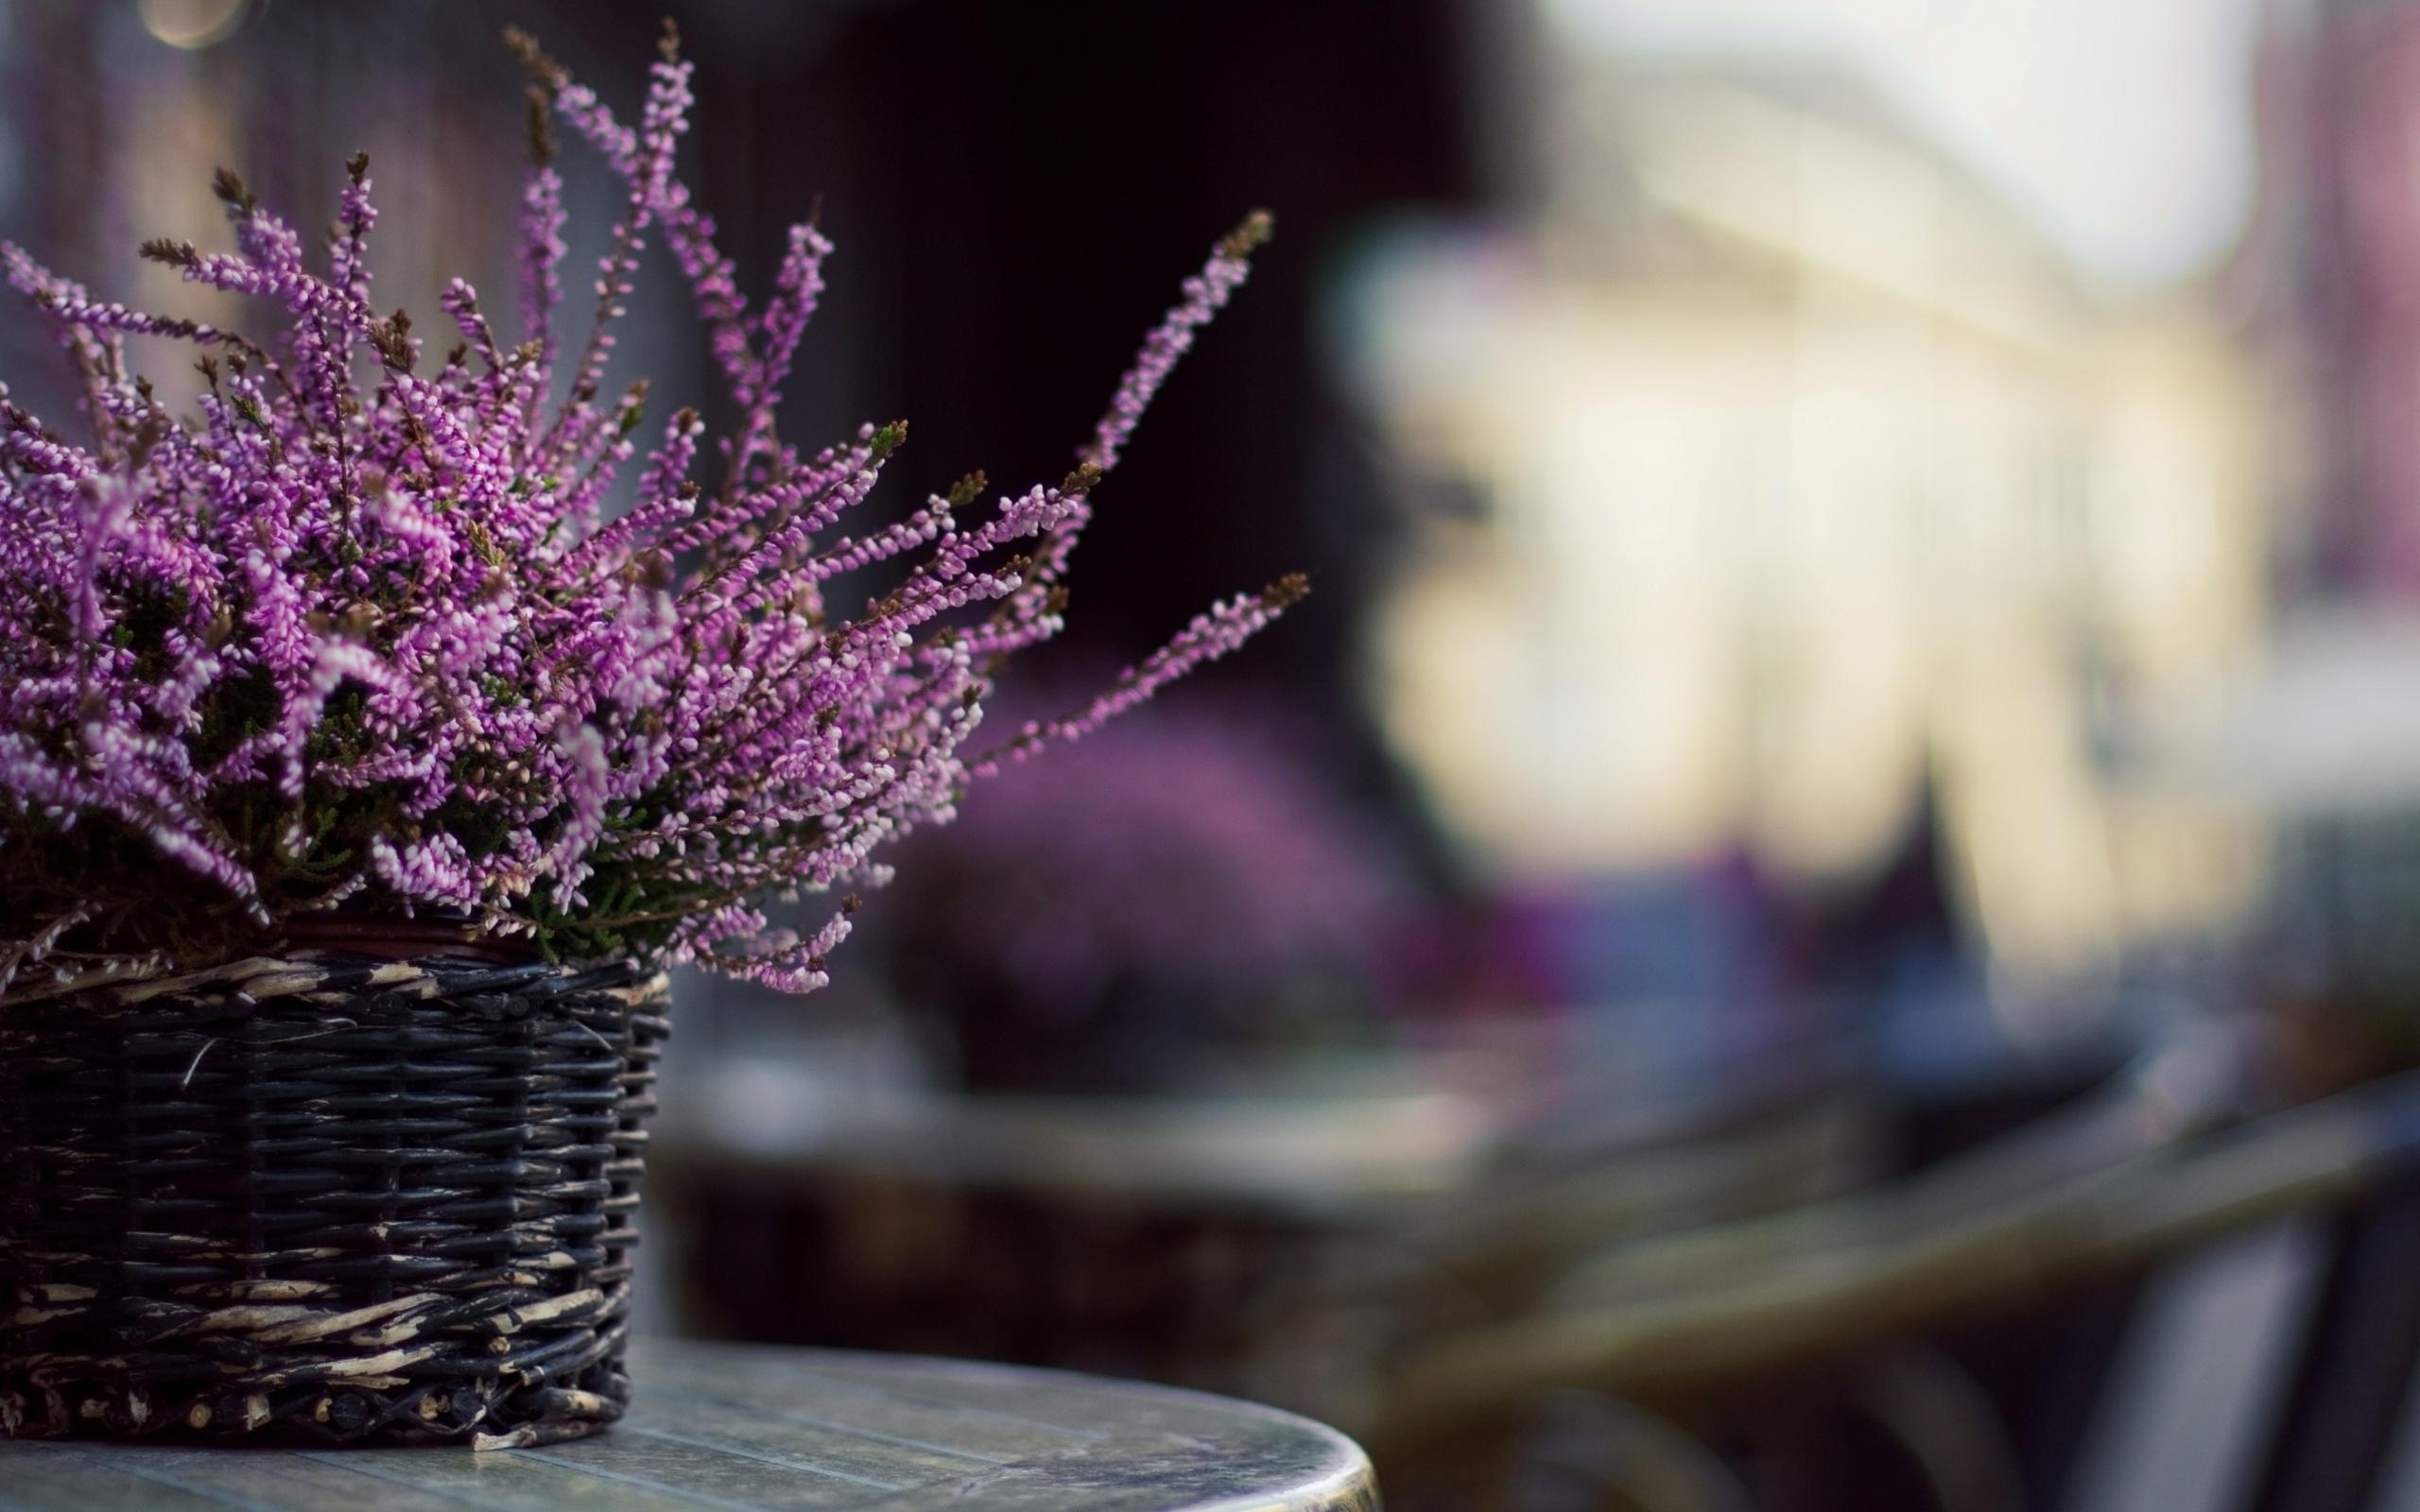 29174 скачать обои Растения, Цветы, Букеты - заставки и картинки бесплатно